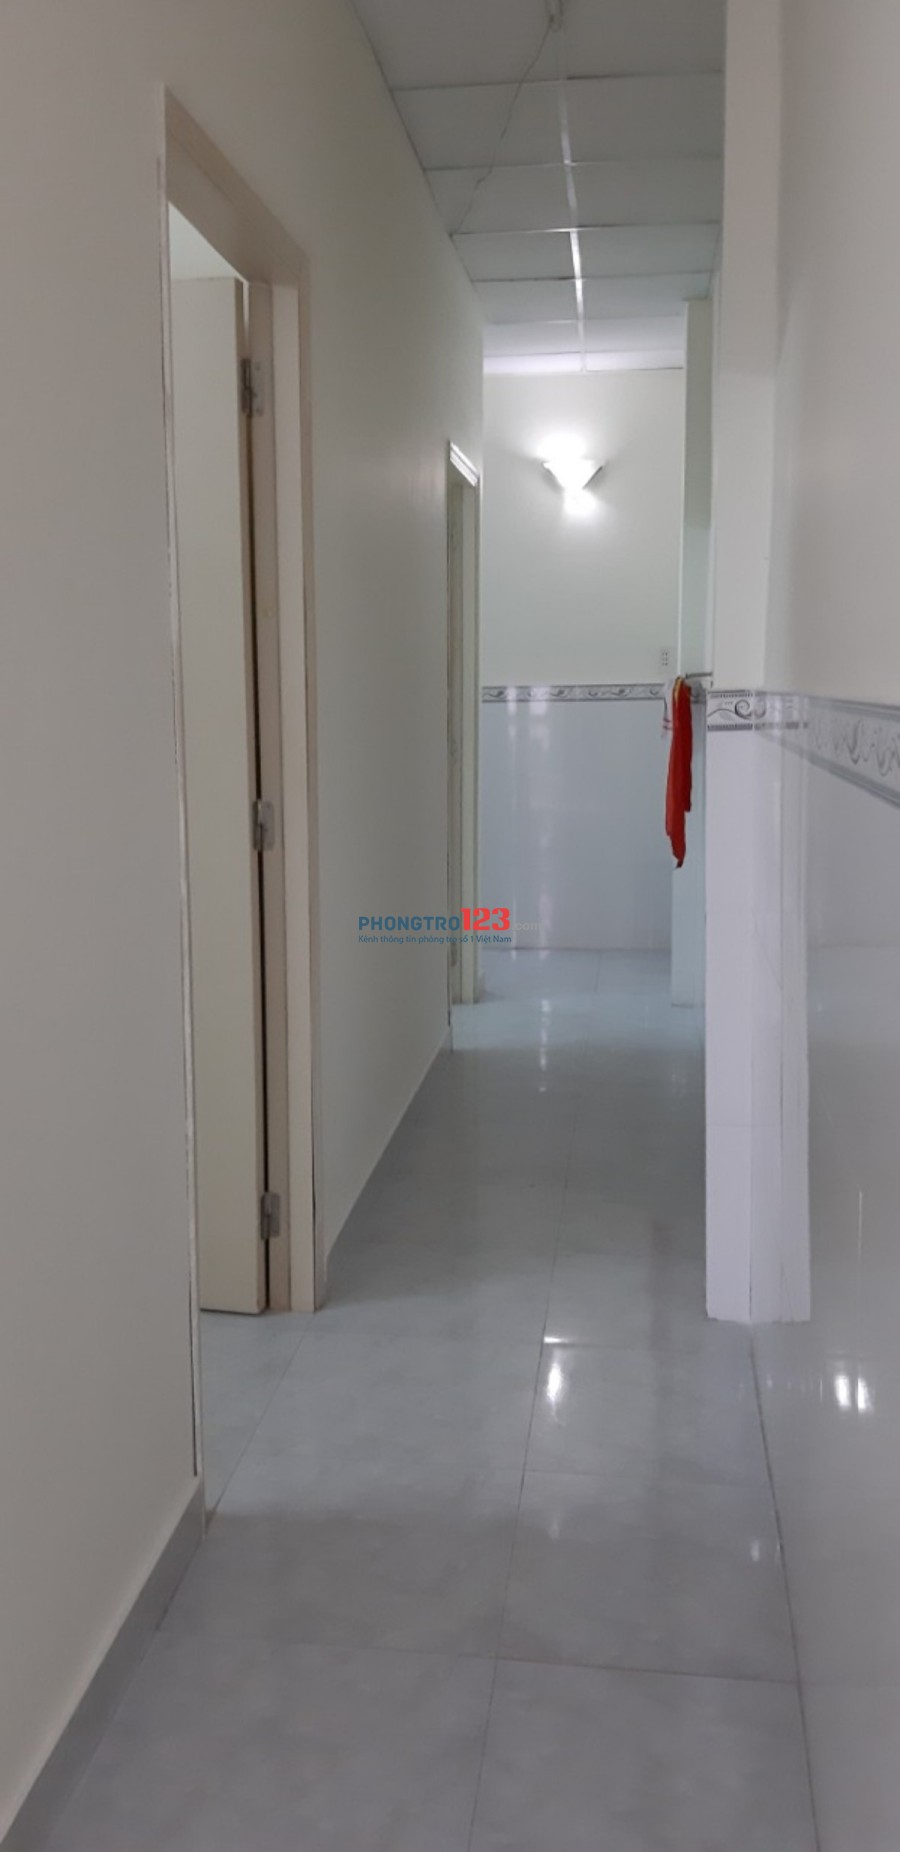 Cho thuê nhà cấp 4, dt 50m2 HXH 441 Điện Biên Phủ, P.25, Q.Bình Thạnh, gần ĐH Hutech, giá 10.5tr/tháng